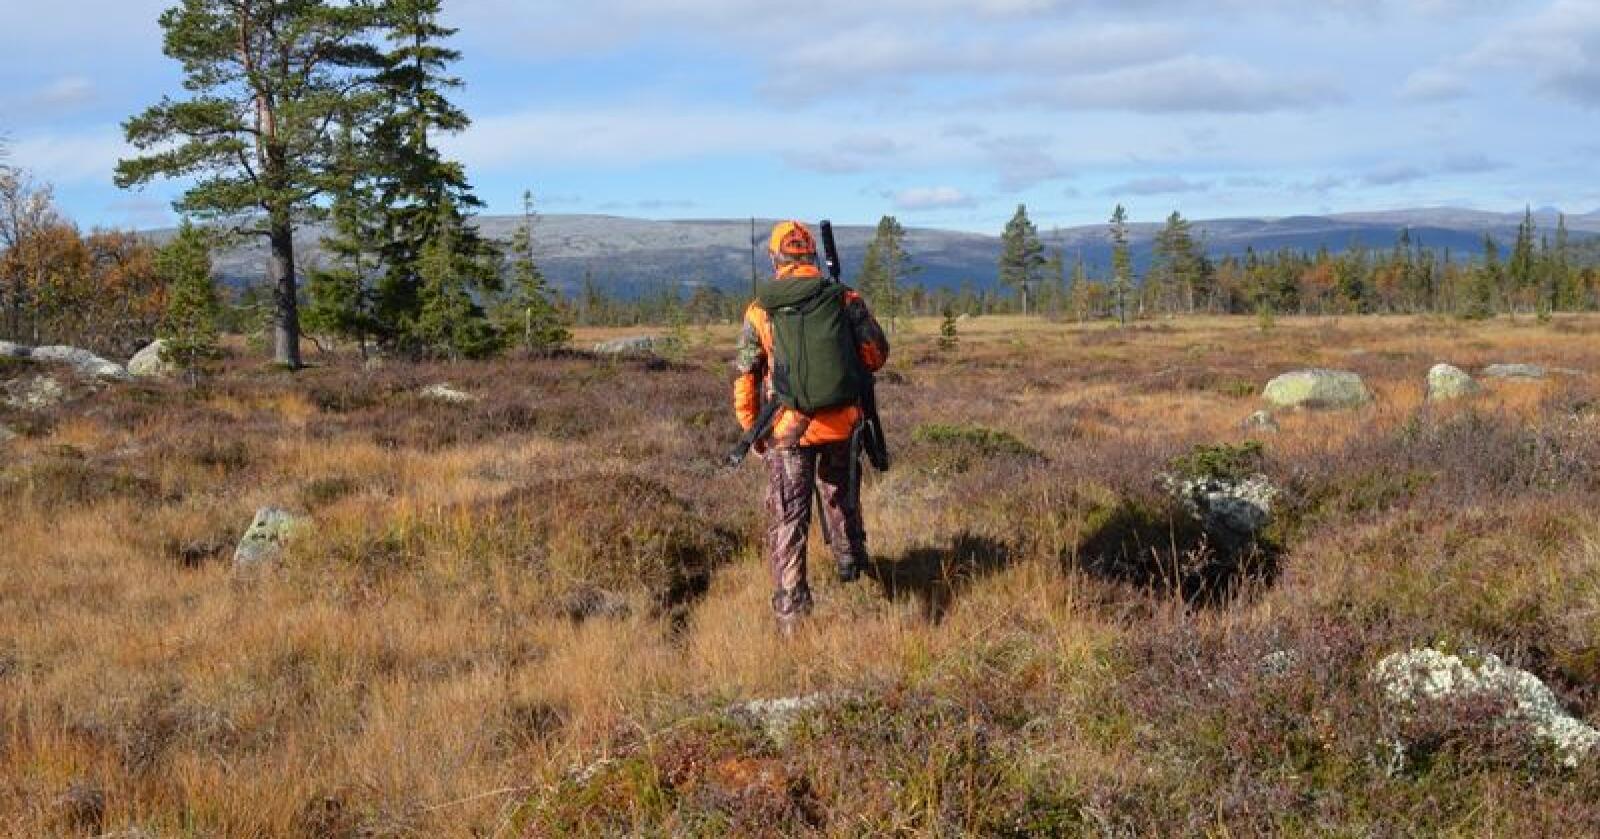 Kvernet elgkjøtt som selges i norske butikker, kan inneholde store mengder blyrester. Illustrasjonsfoto: Liv Jorunn Denstadli Sagmo